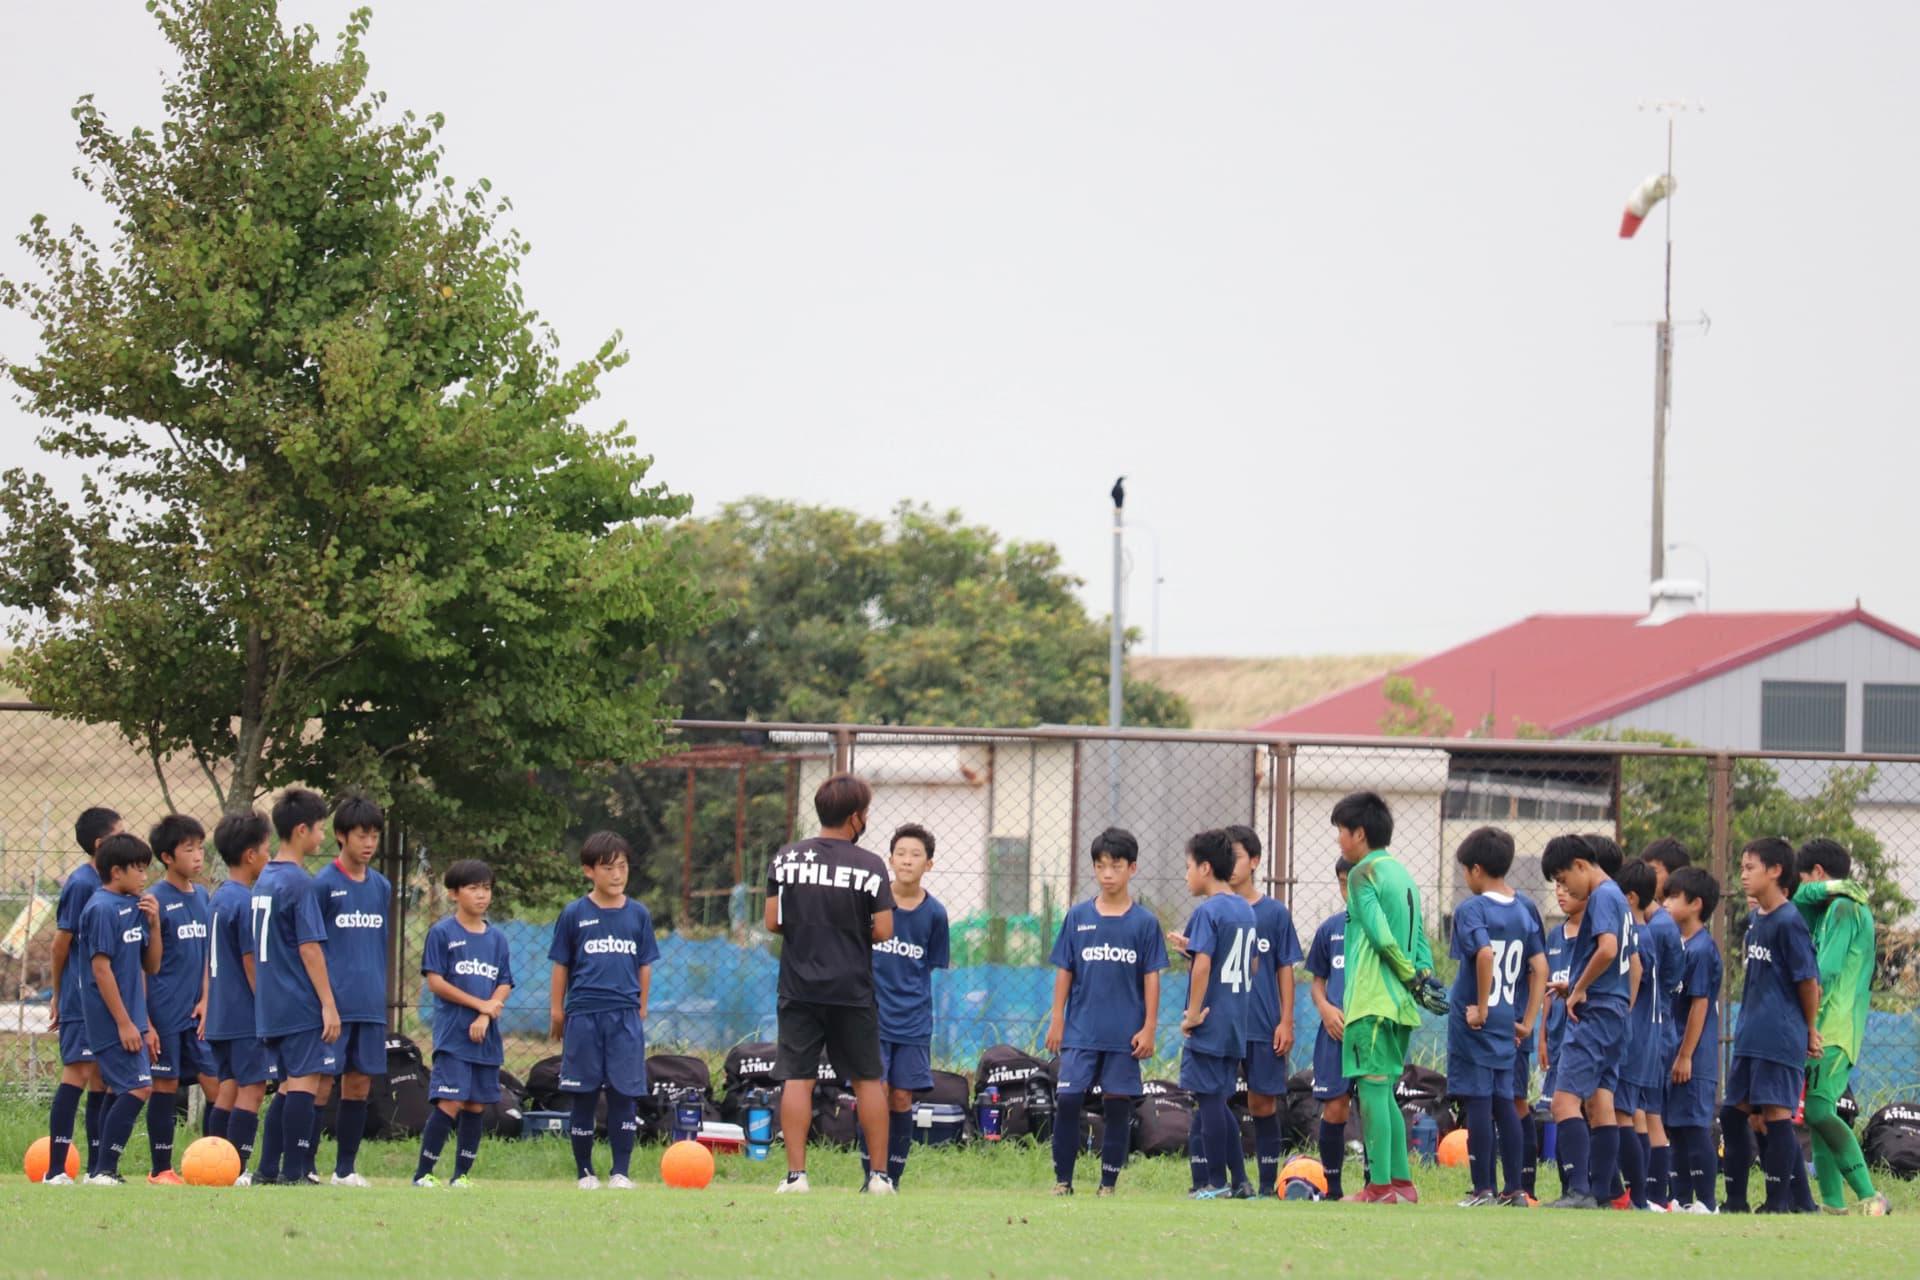 Photo by OSAWA